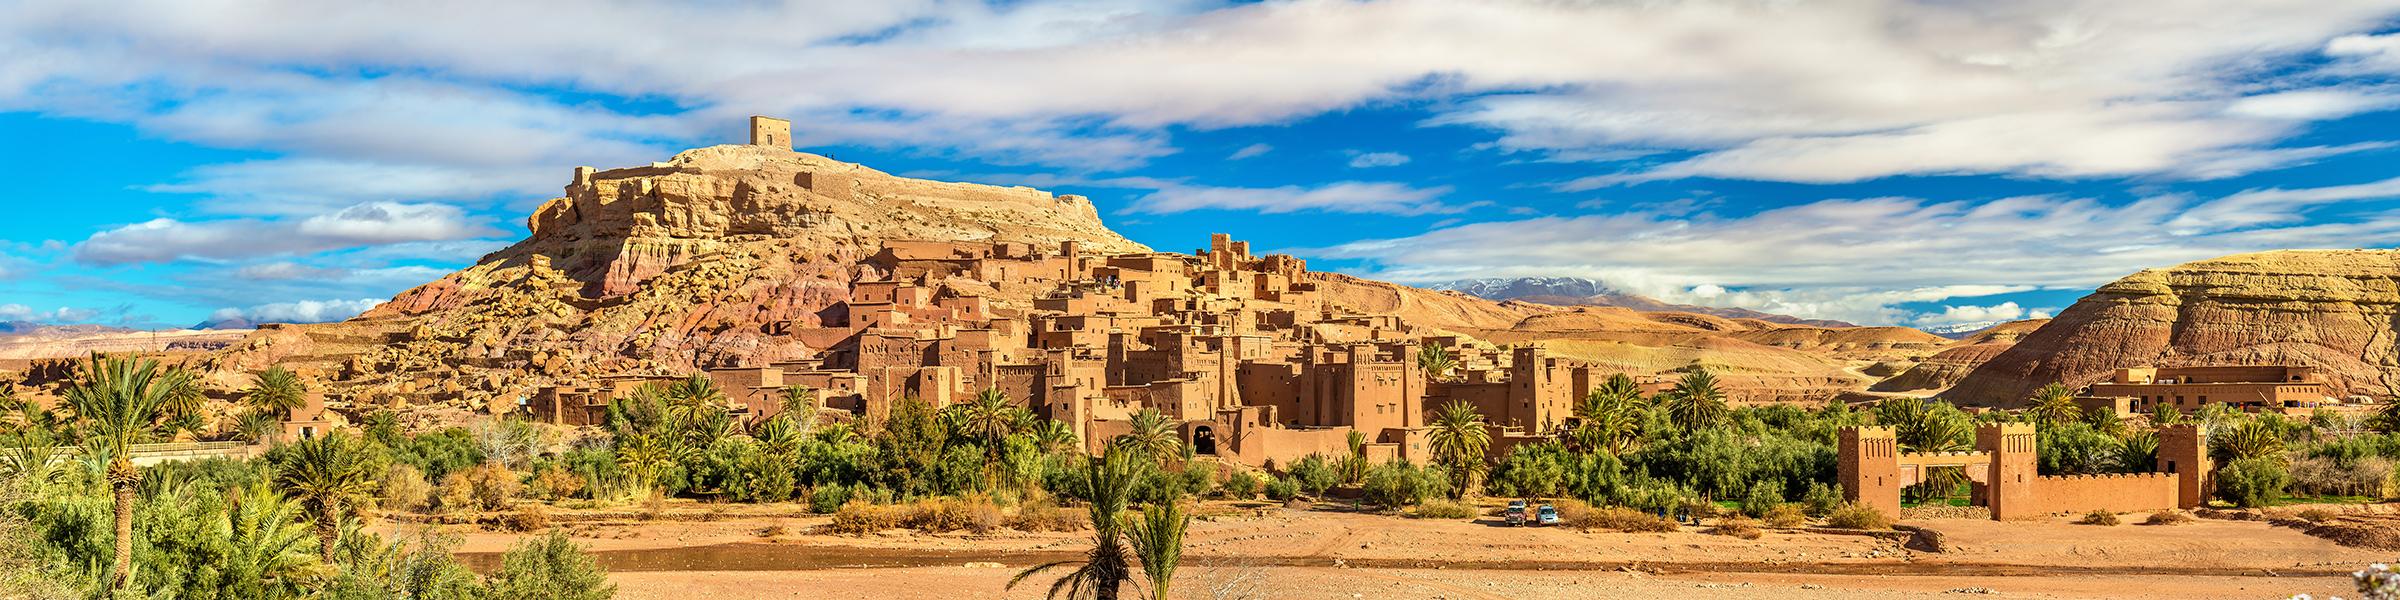 Morocco Ksar of Ait Ben Haddou